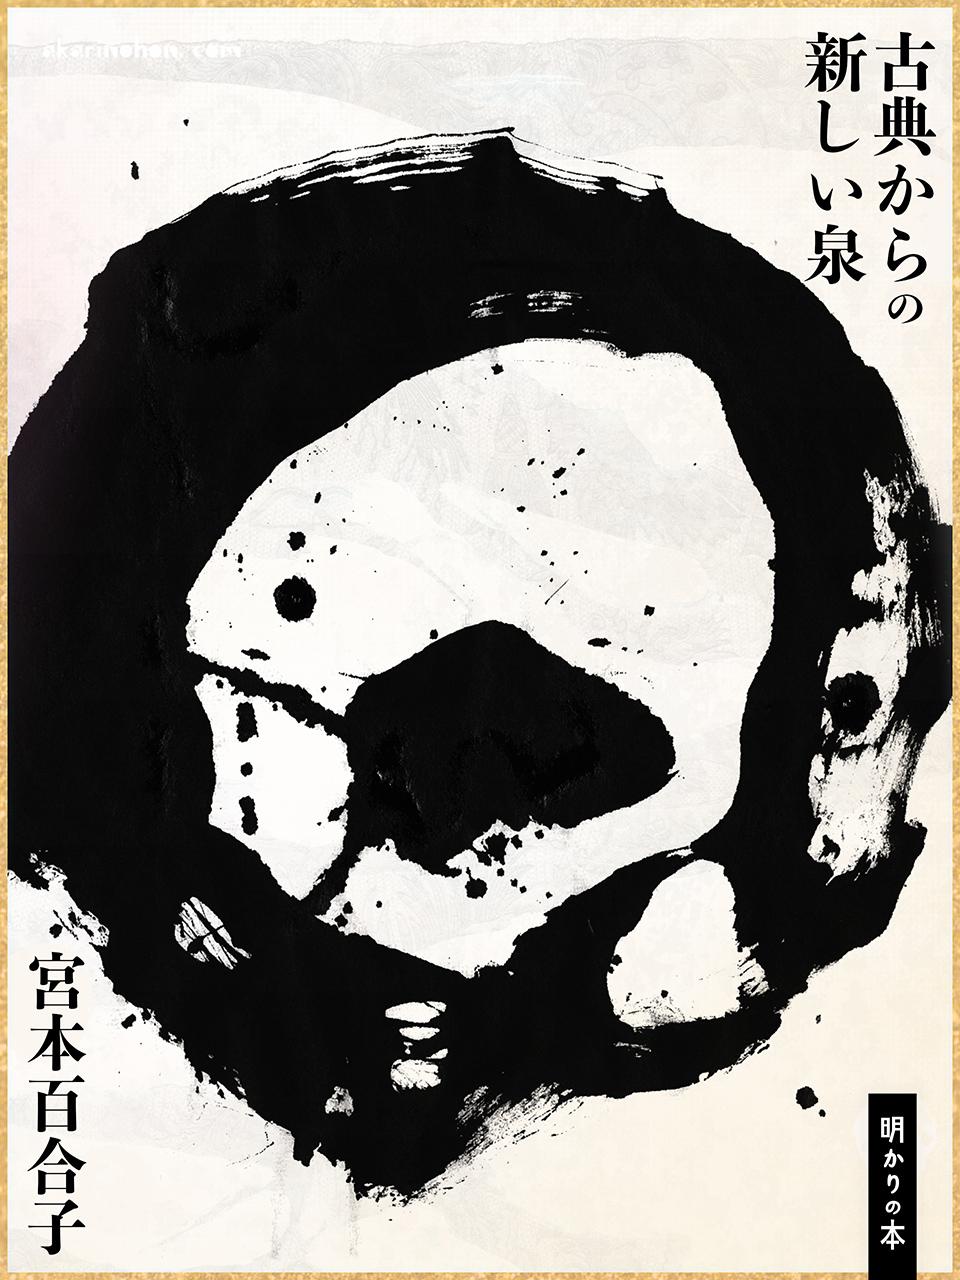 0000 - 古典からの新しい泉 宮本百合子